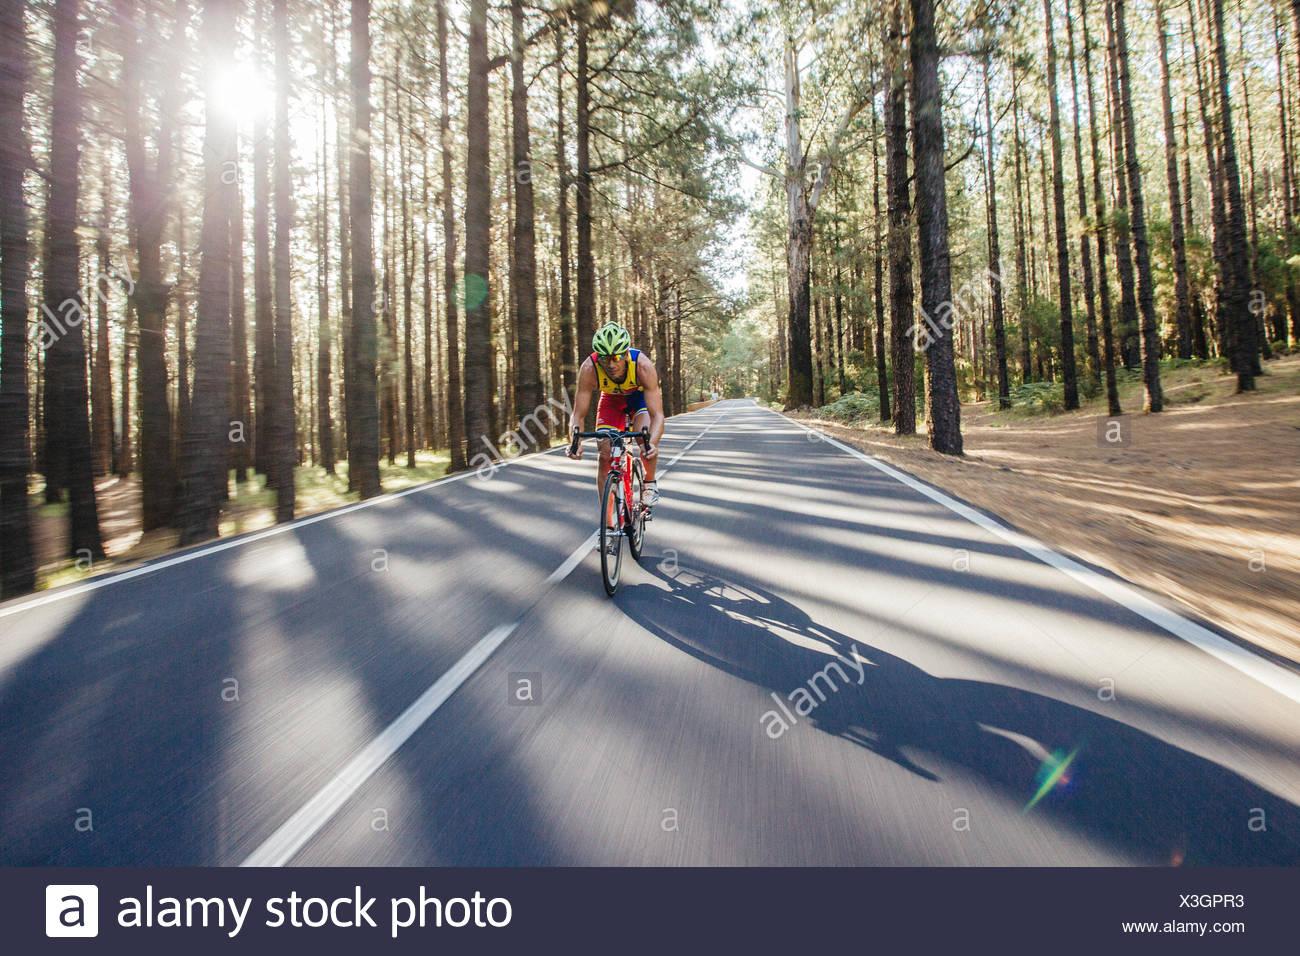 Un ciclista monta su bicicleta en un camino a través de un profundo bosque de pinos Imagen De Stock